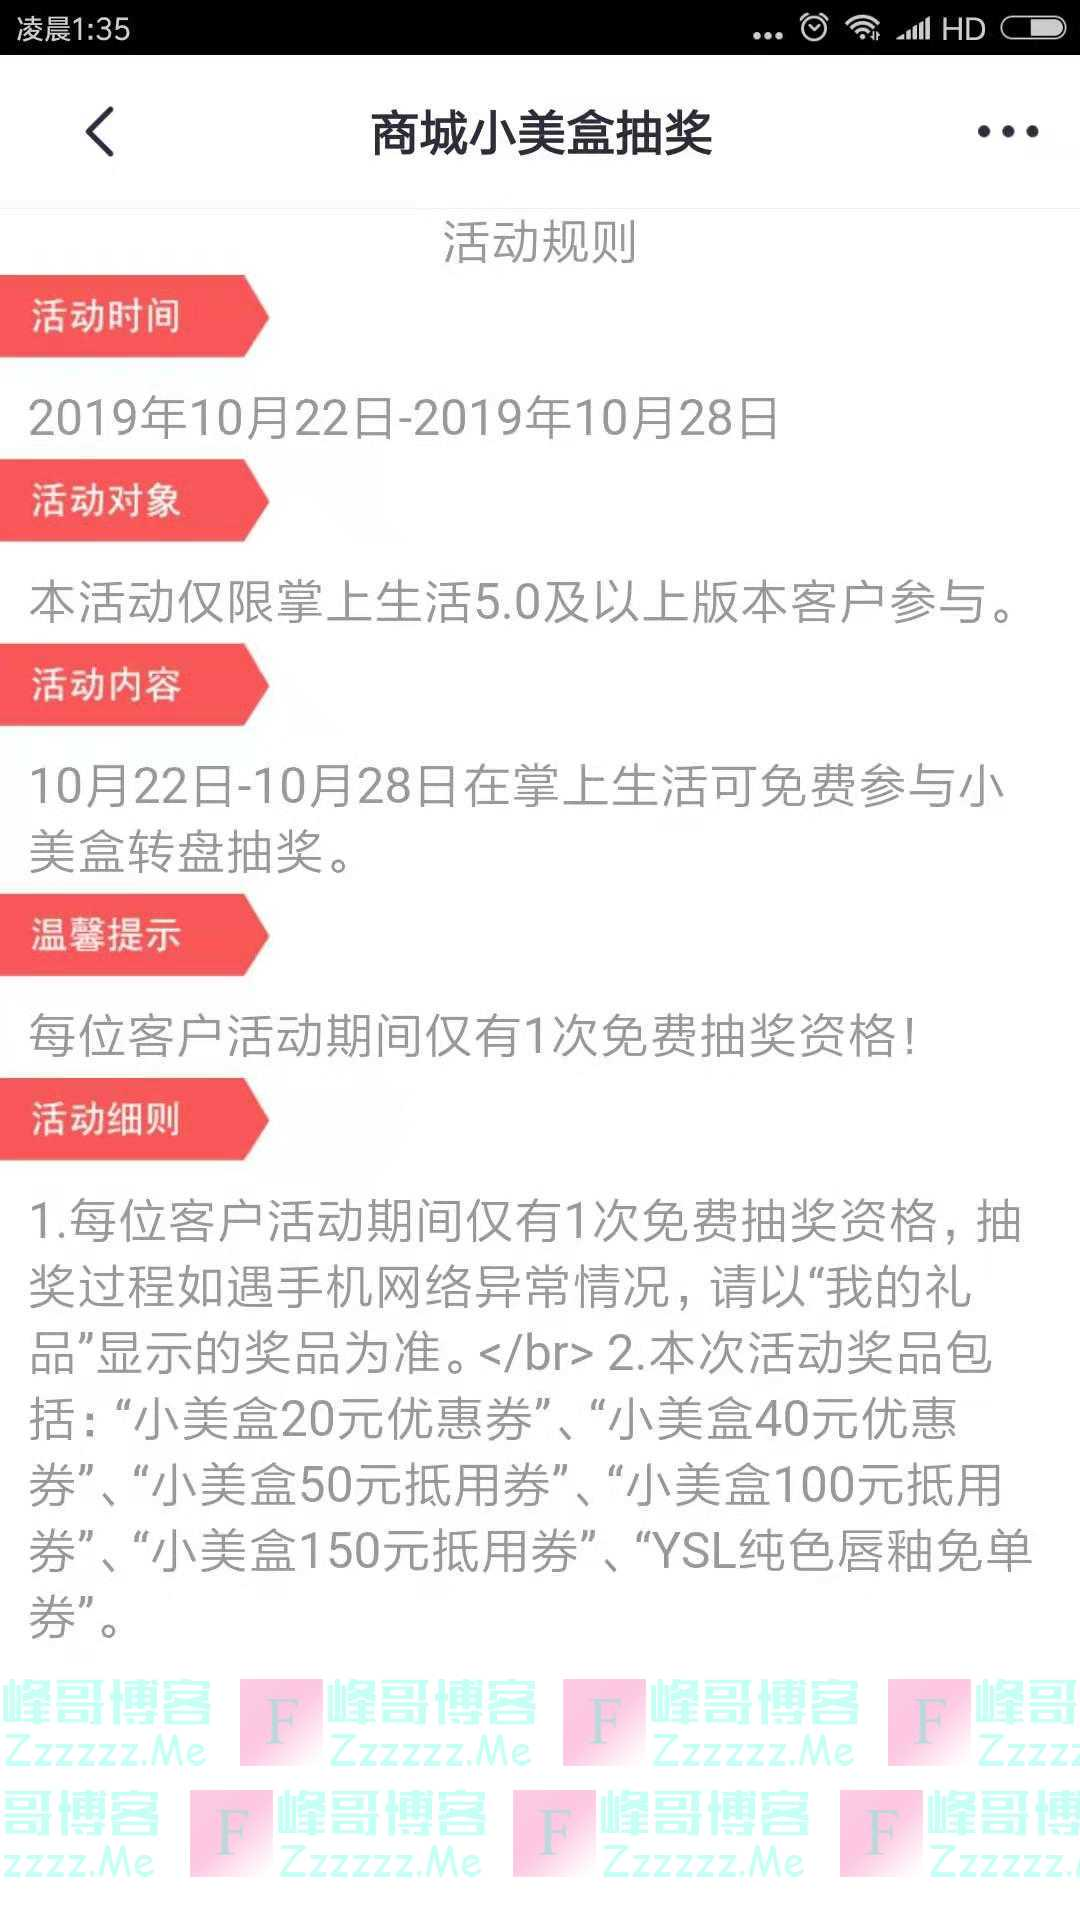 掌上生活商城小美盒抽奖(截止10月28日)